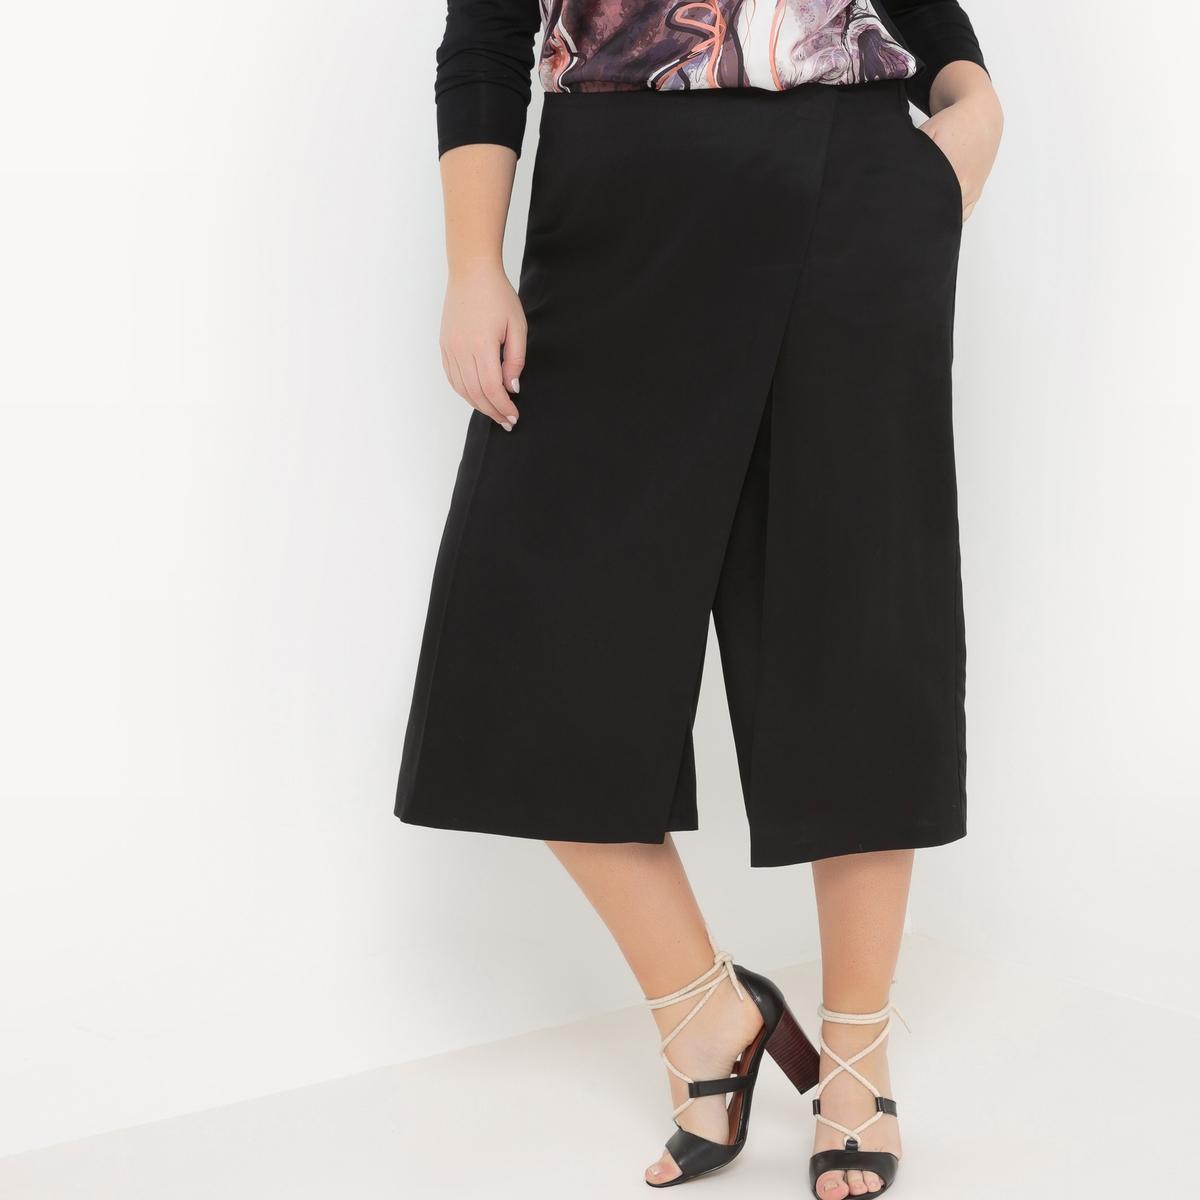 Юбка-брюкиЮбка-брюки Mellem из тенсела, вставка спереди для имитации юбки. Эластичный пояс, регулируемый сзади. 100% вискоза<br><br>Цвет: черный<br>Размер: 52 (FR) - 58 (RUS)